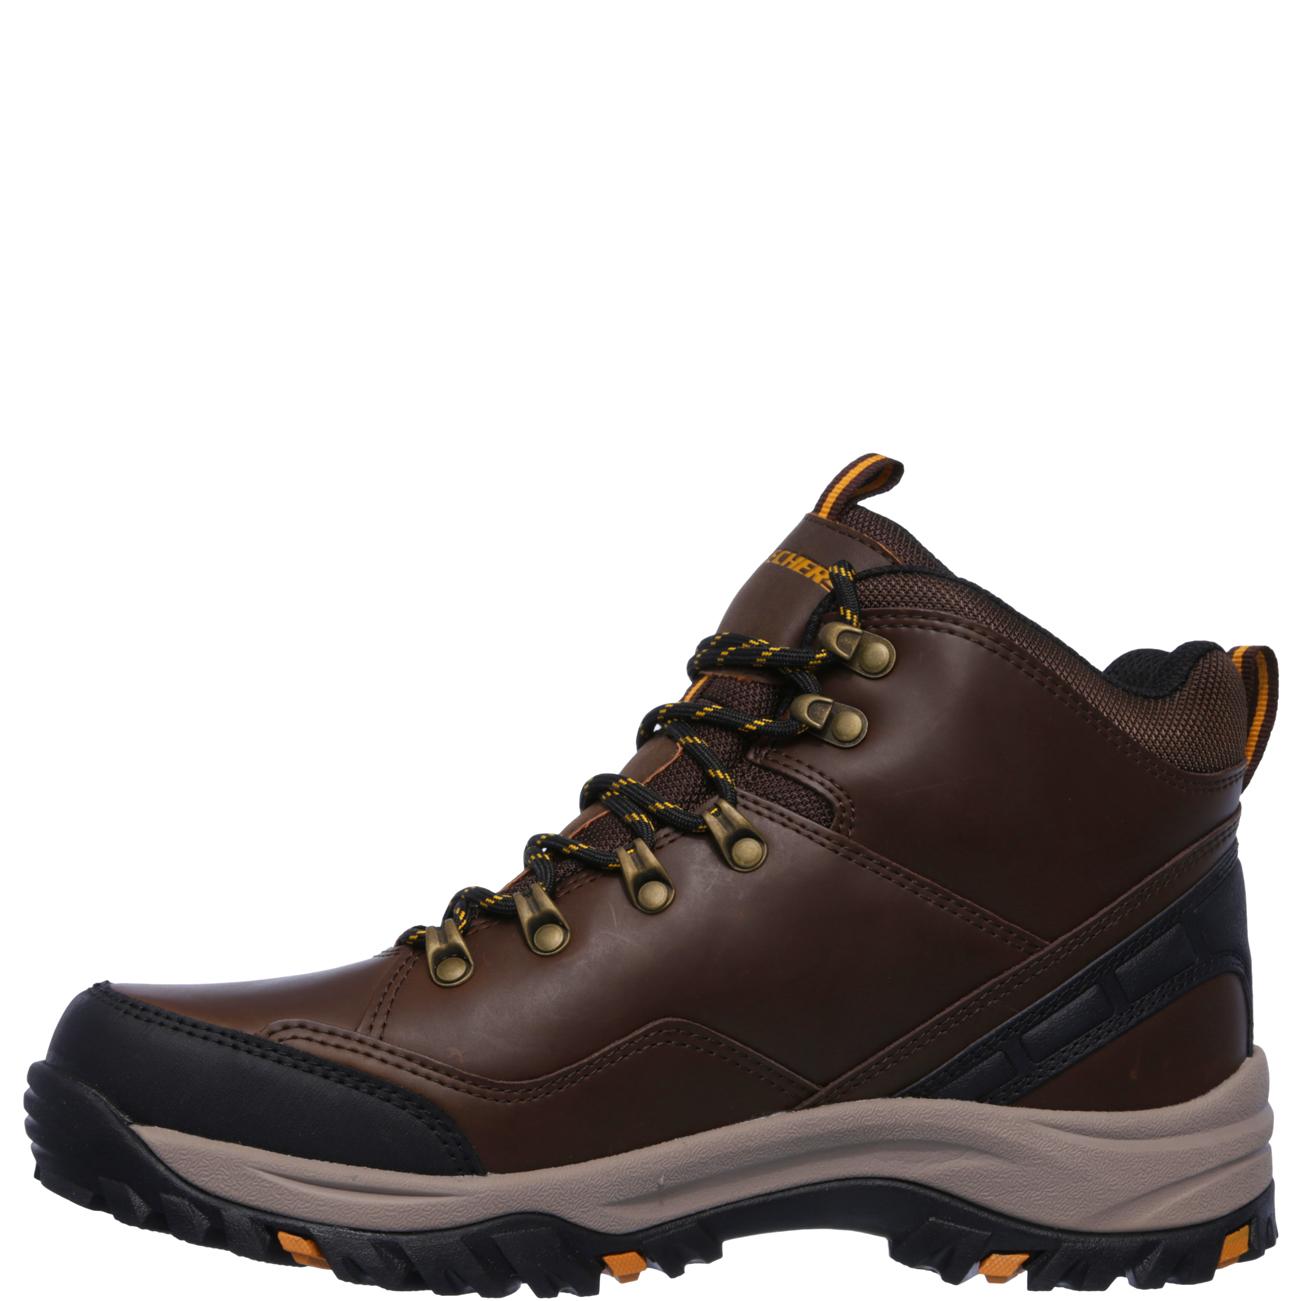 skechers waterproof boots men's Sale,up